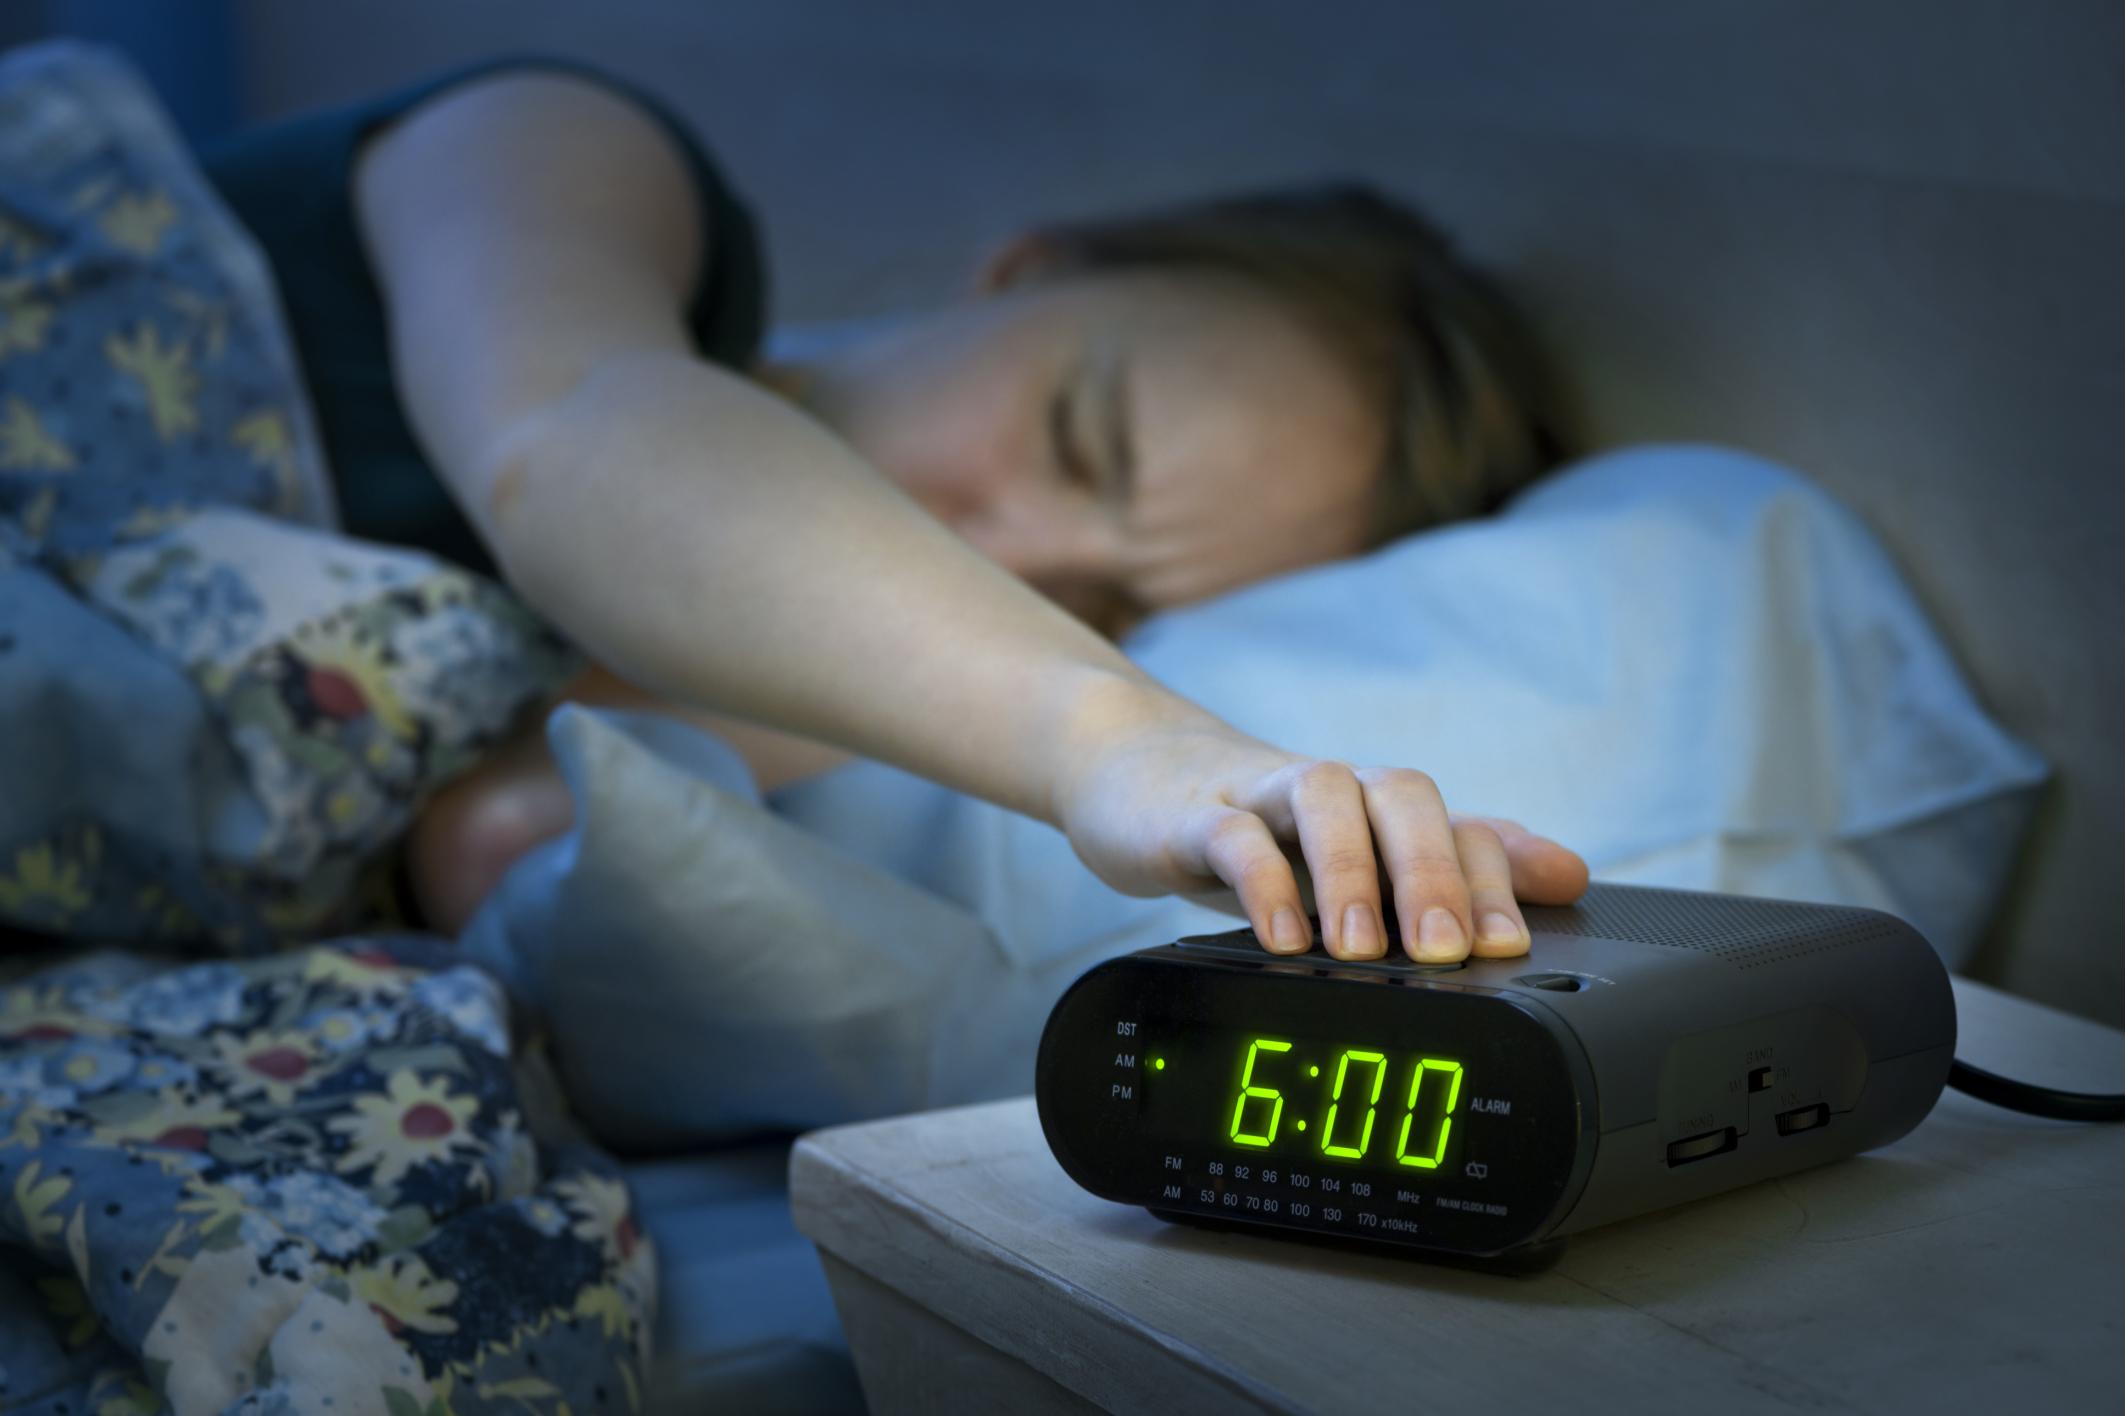 El despertador perfecto para los más dormilones.